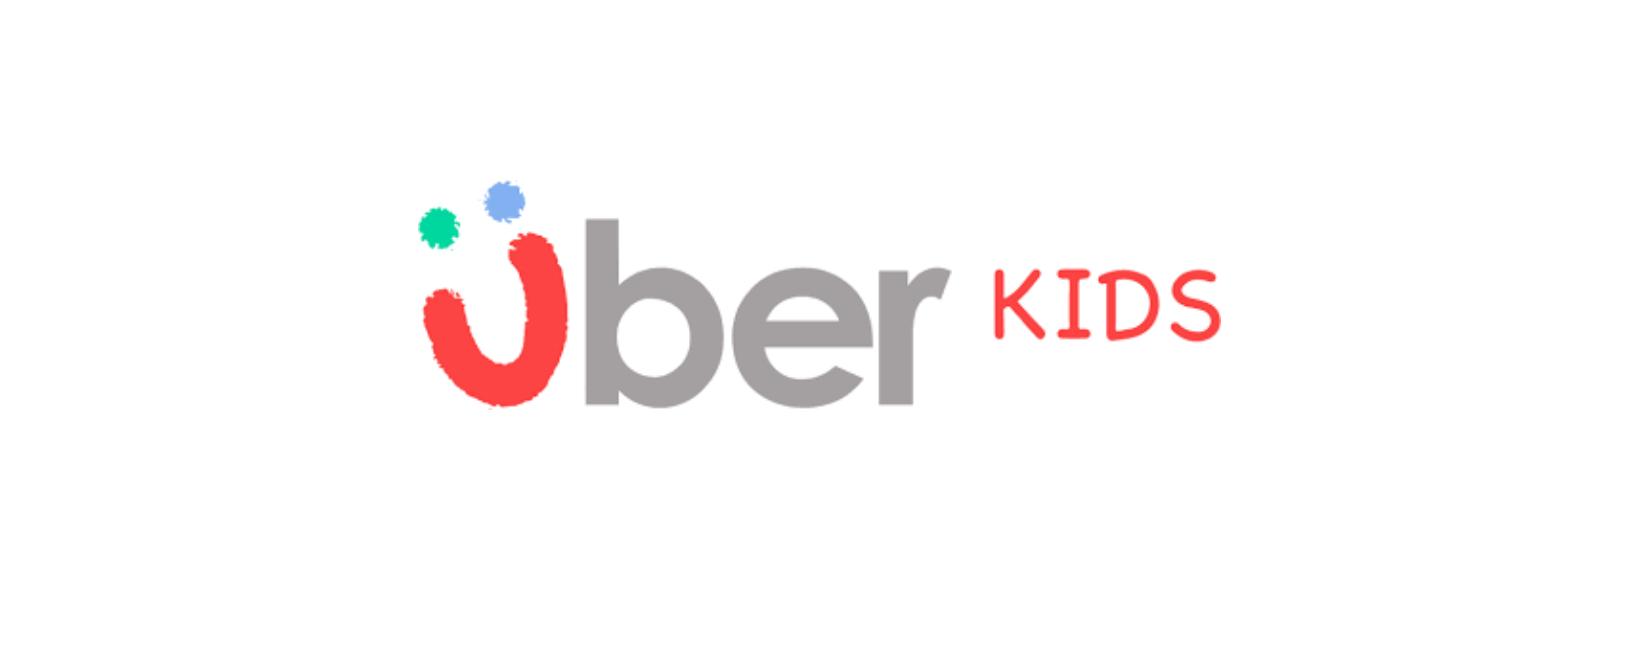 Uber Kids UK Discount Code 2021